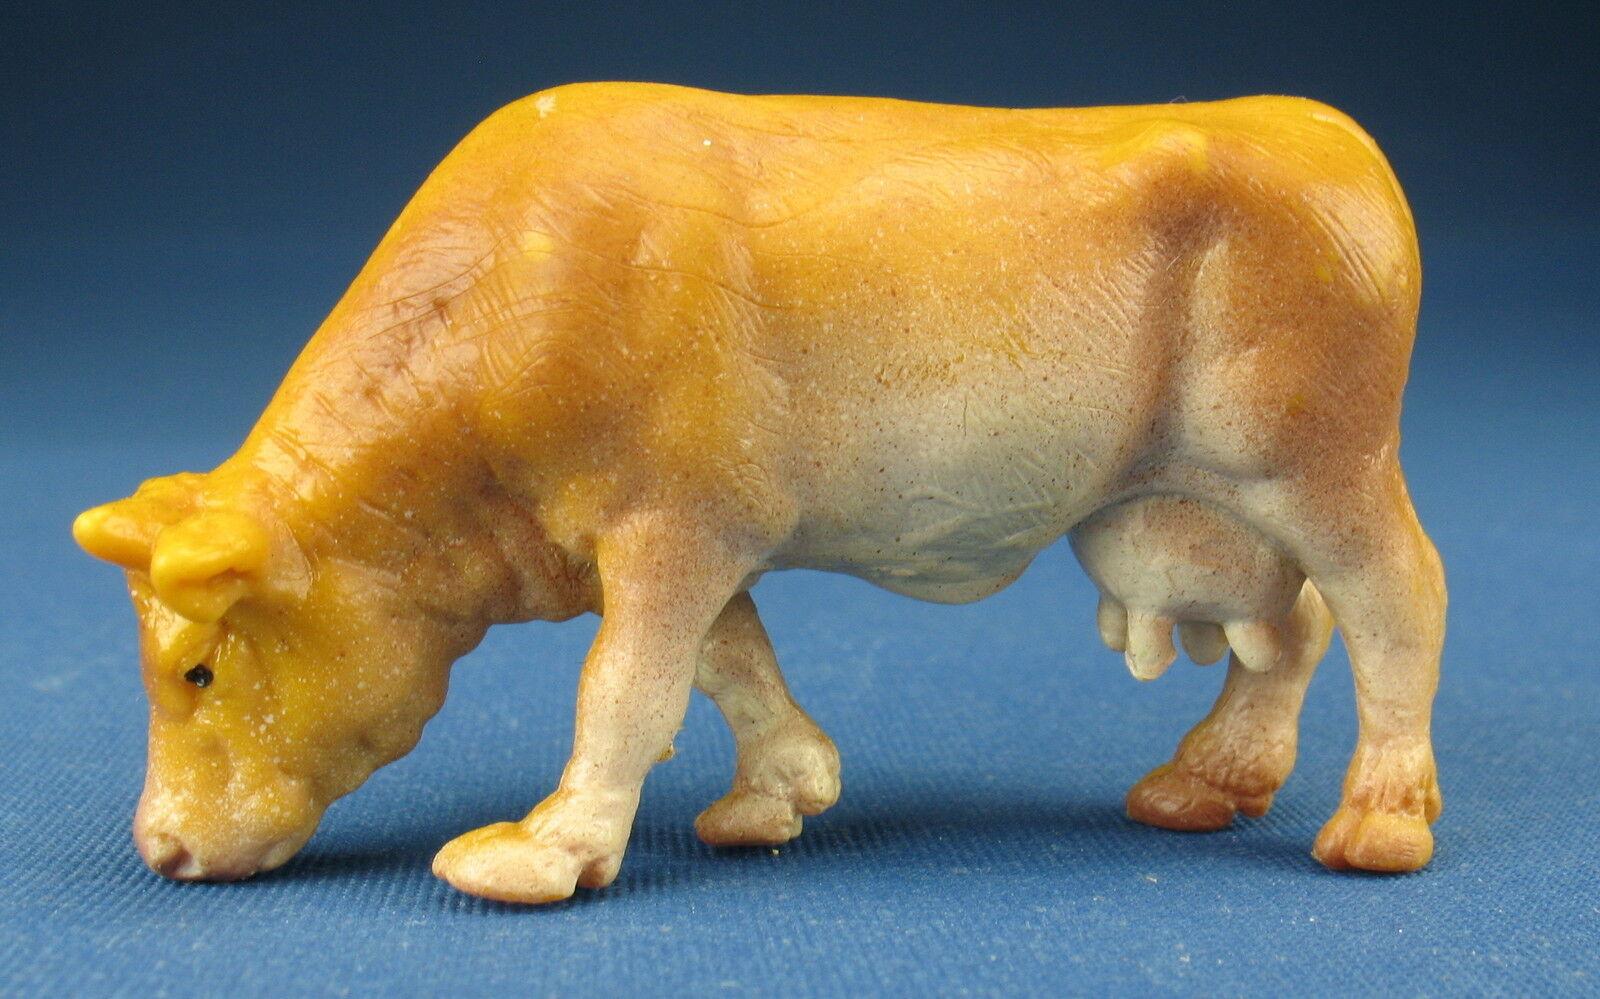 Schleich CLASSICS 12227 -- Kuh grasend - Cow grazing - Classic -- Schleichtier